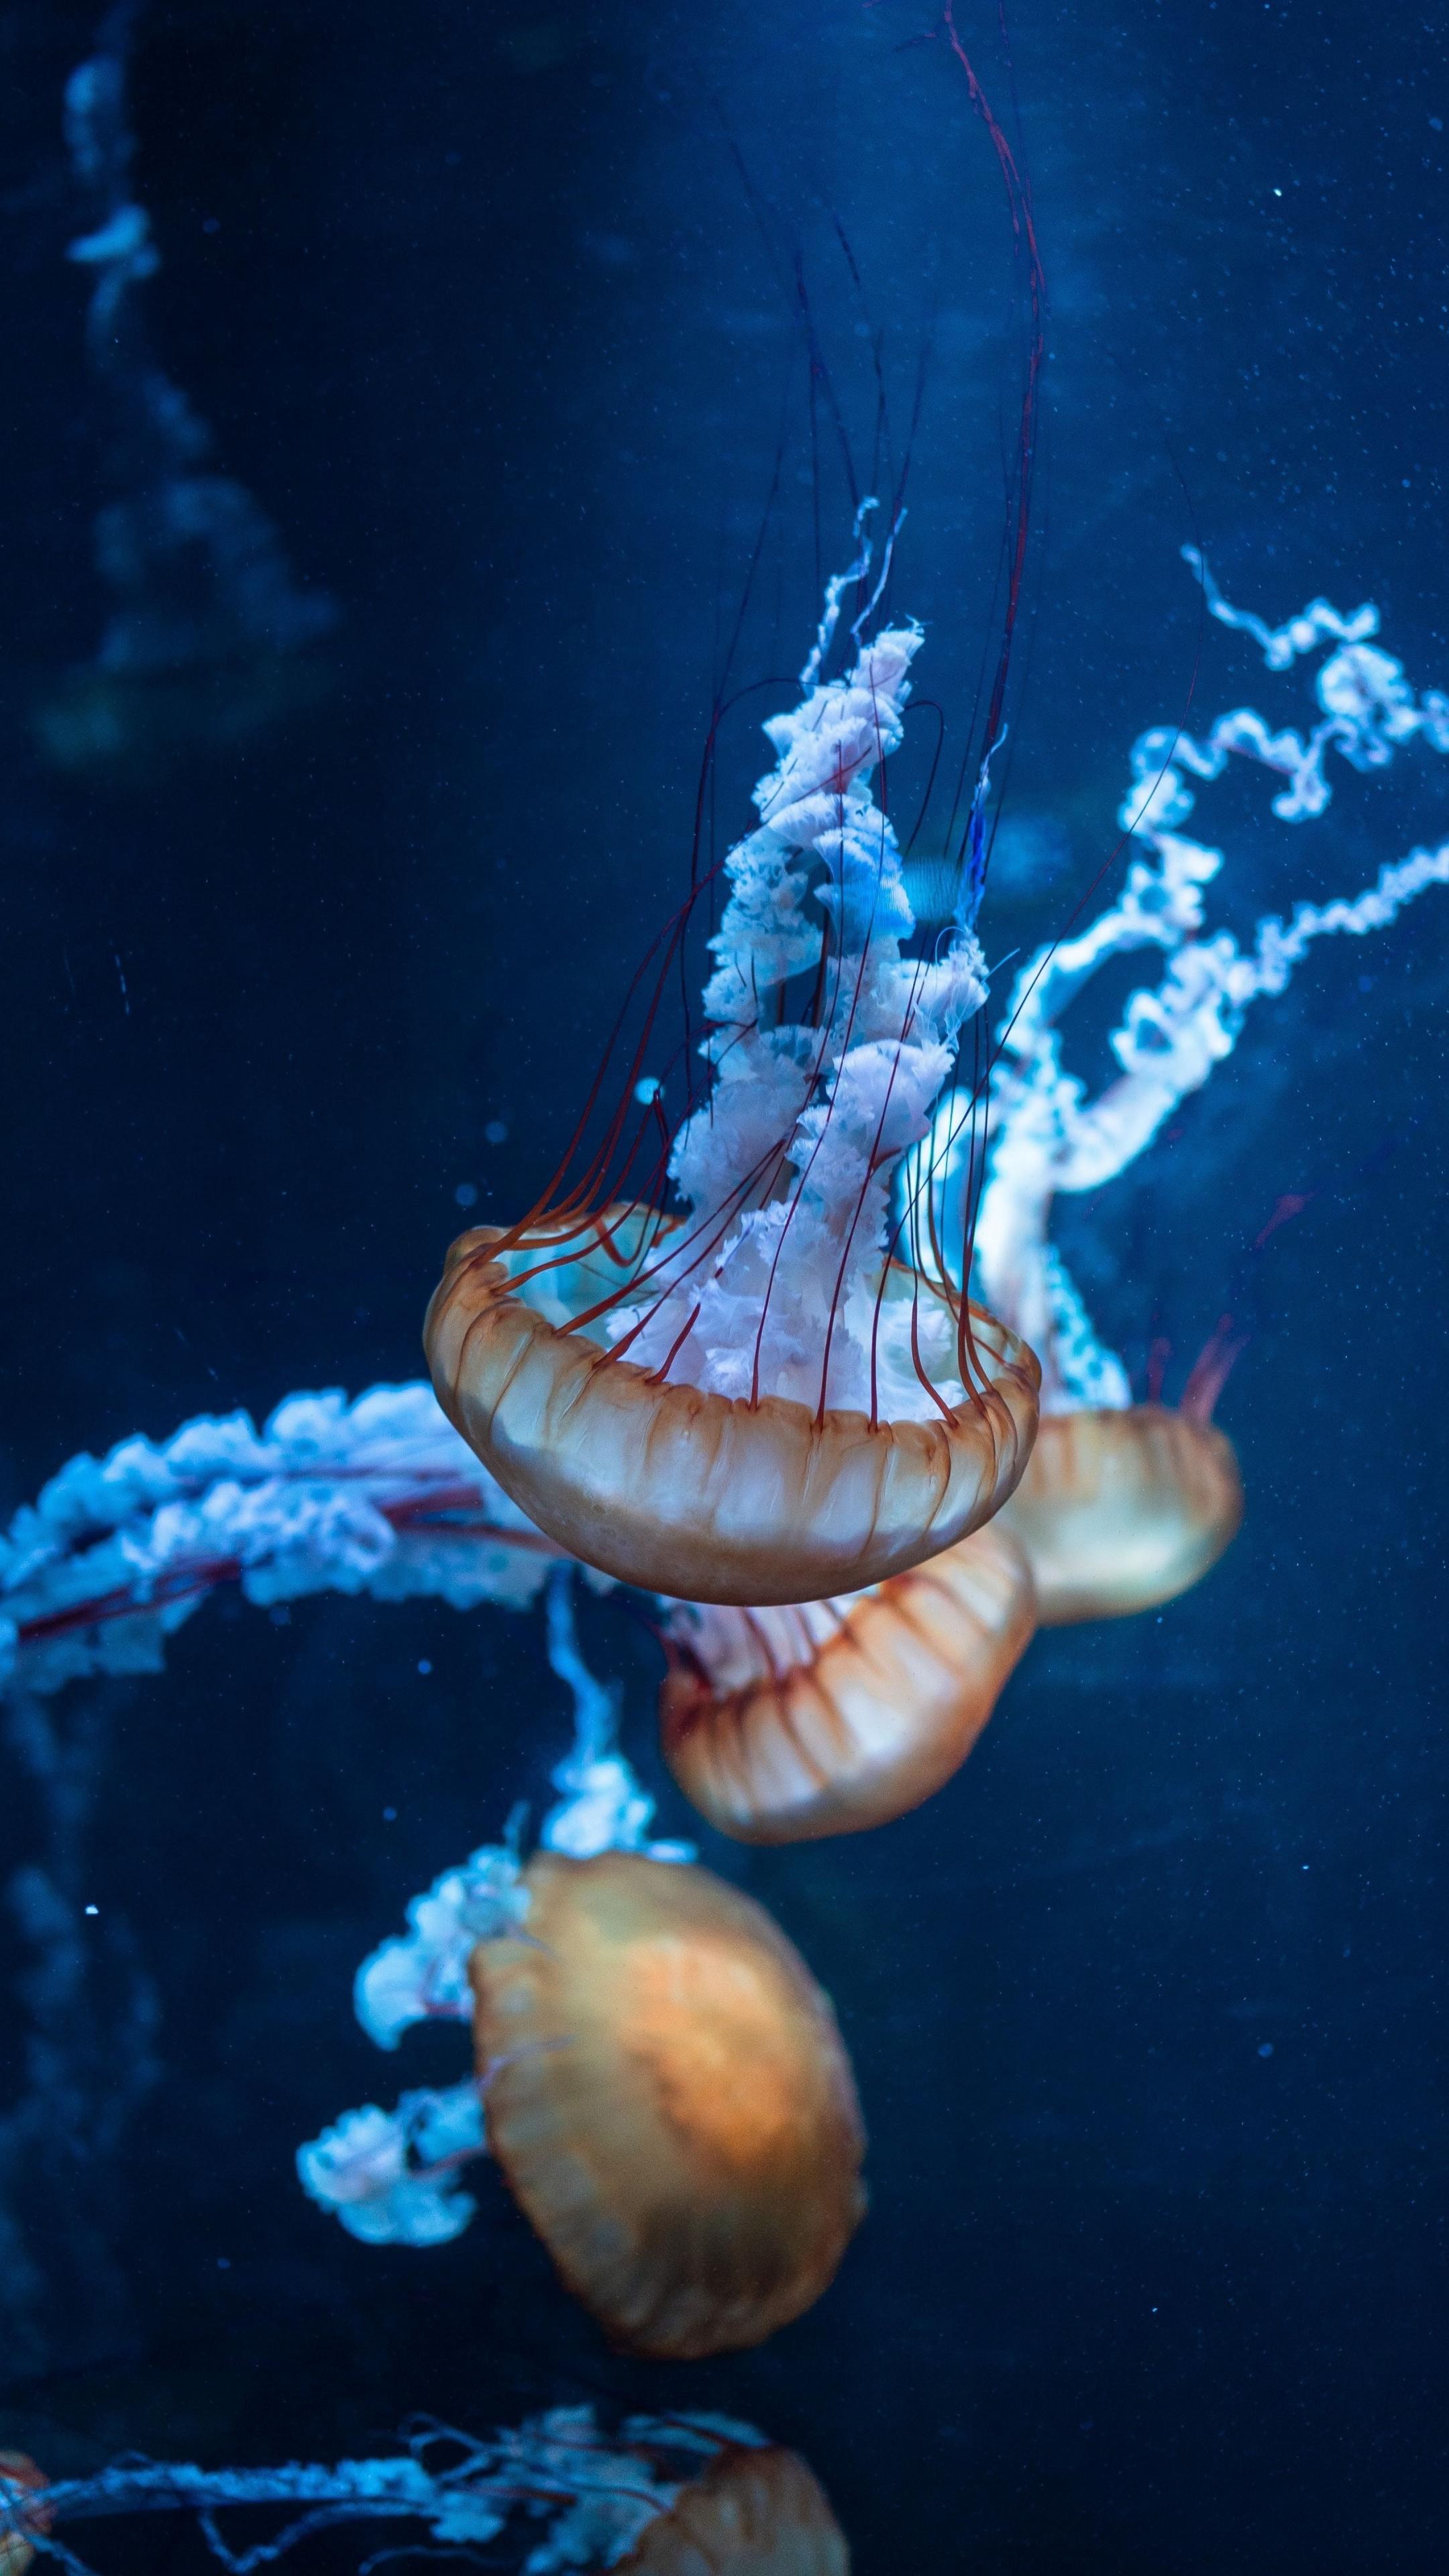 Jellyfish Underwater Aquatic Animals Wallpaper Iphone Jellyfish Background 2160x3840 Wallpaper Teahub Io